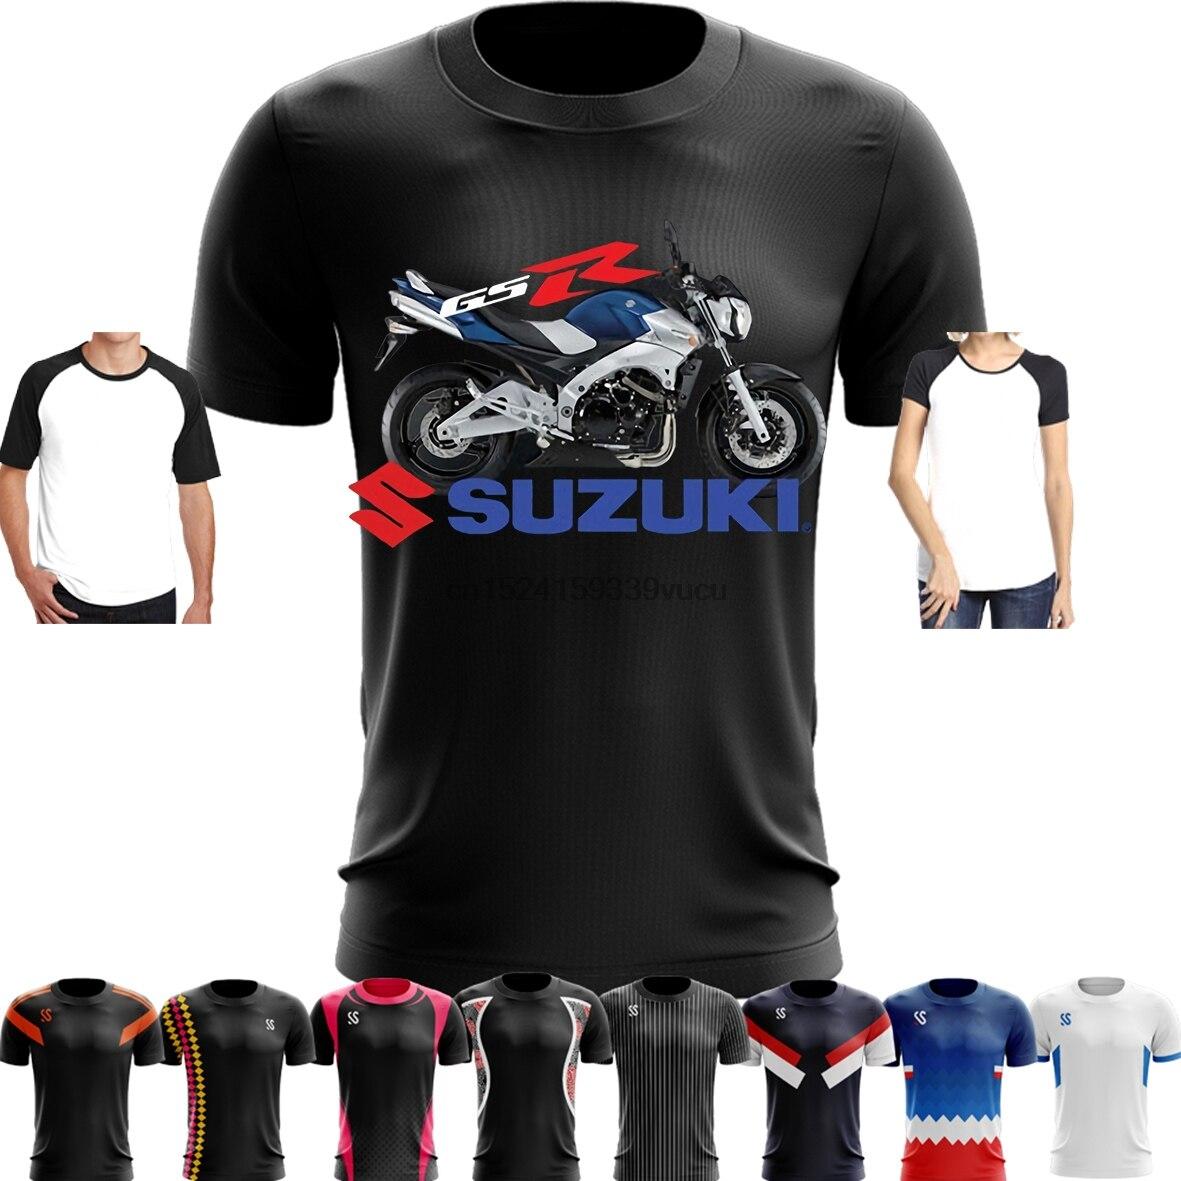 Großhandel funny running shirts Gallery - Billig kaufen funny ...